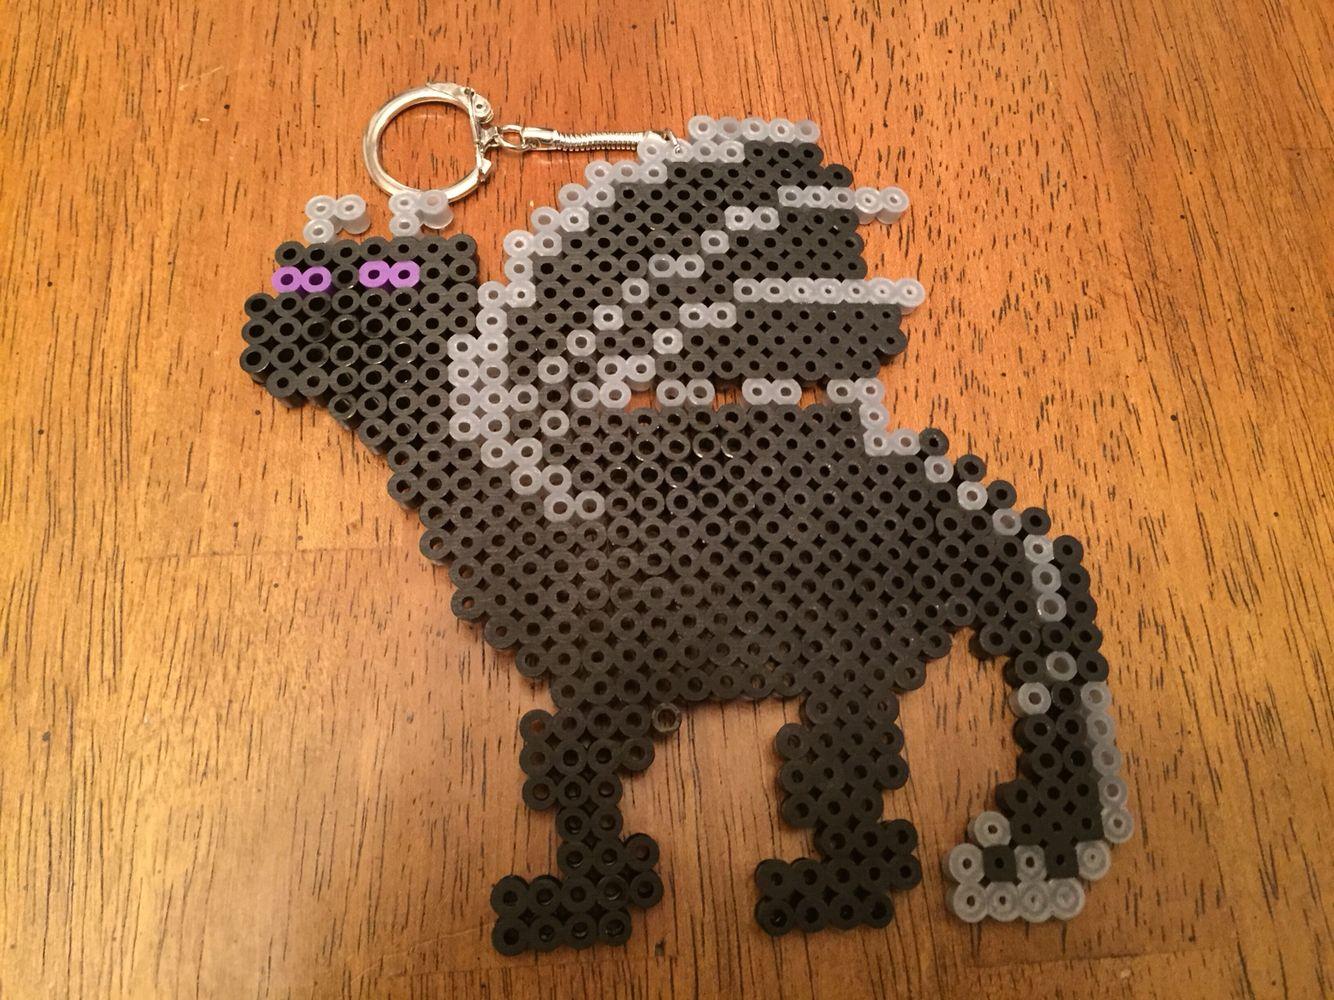 Minecraft ender dragon perler bead keychain